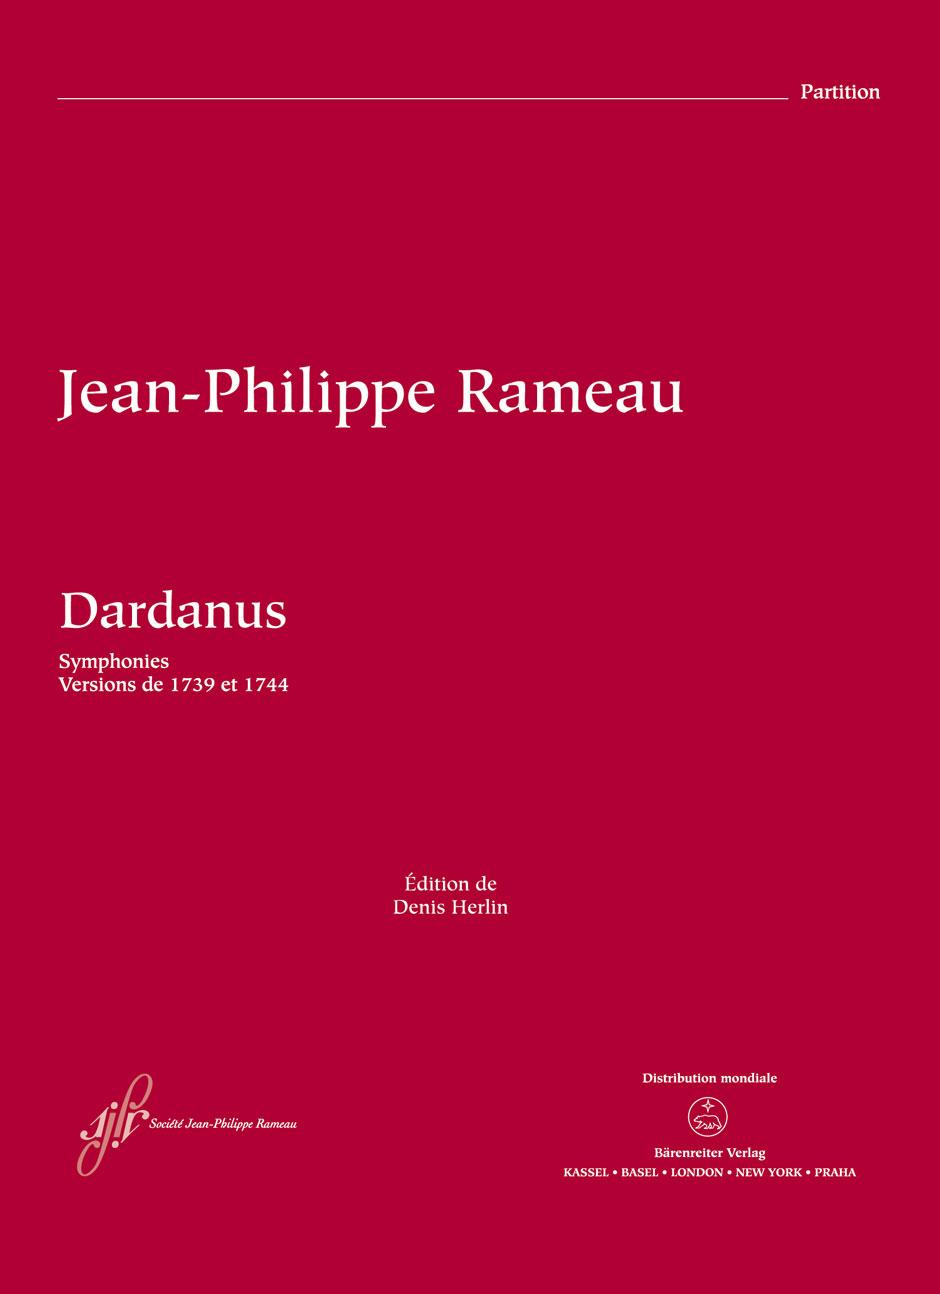 Jean-Philippe Rameau: Dardanus RCT 35A-35B: Orchestra: Score